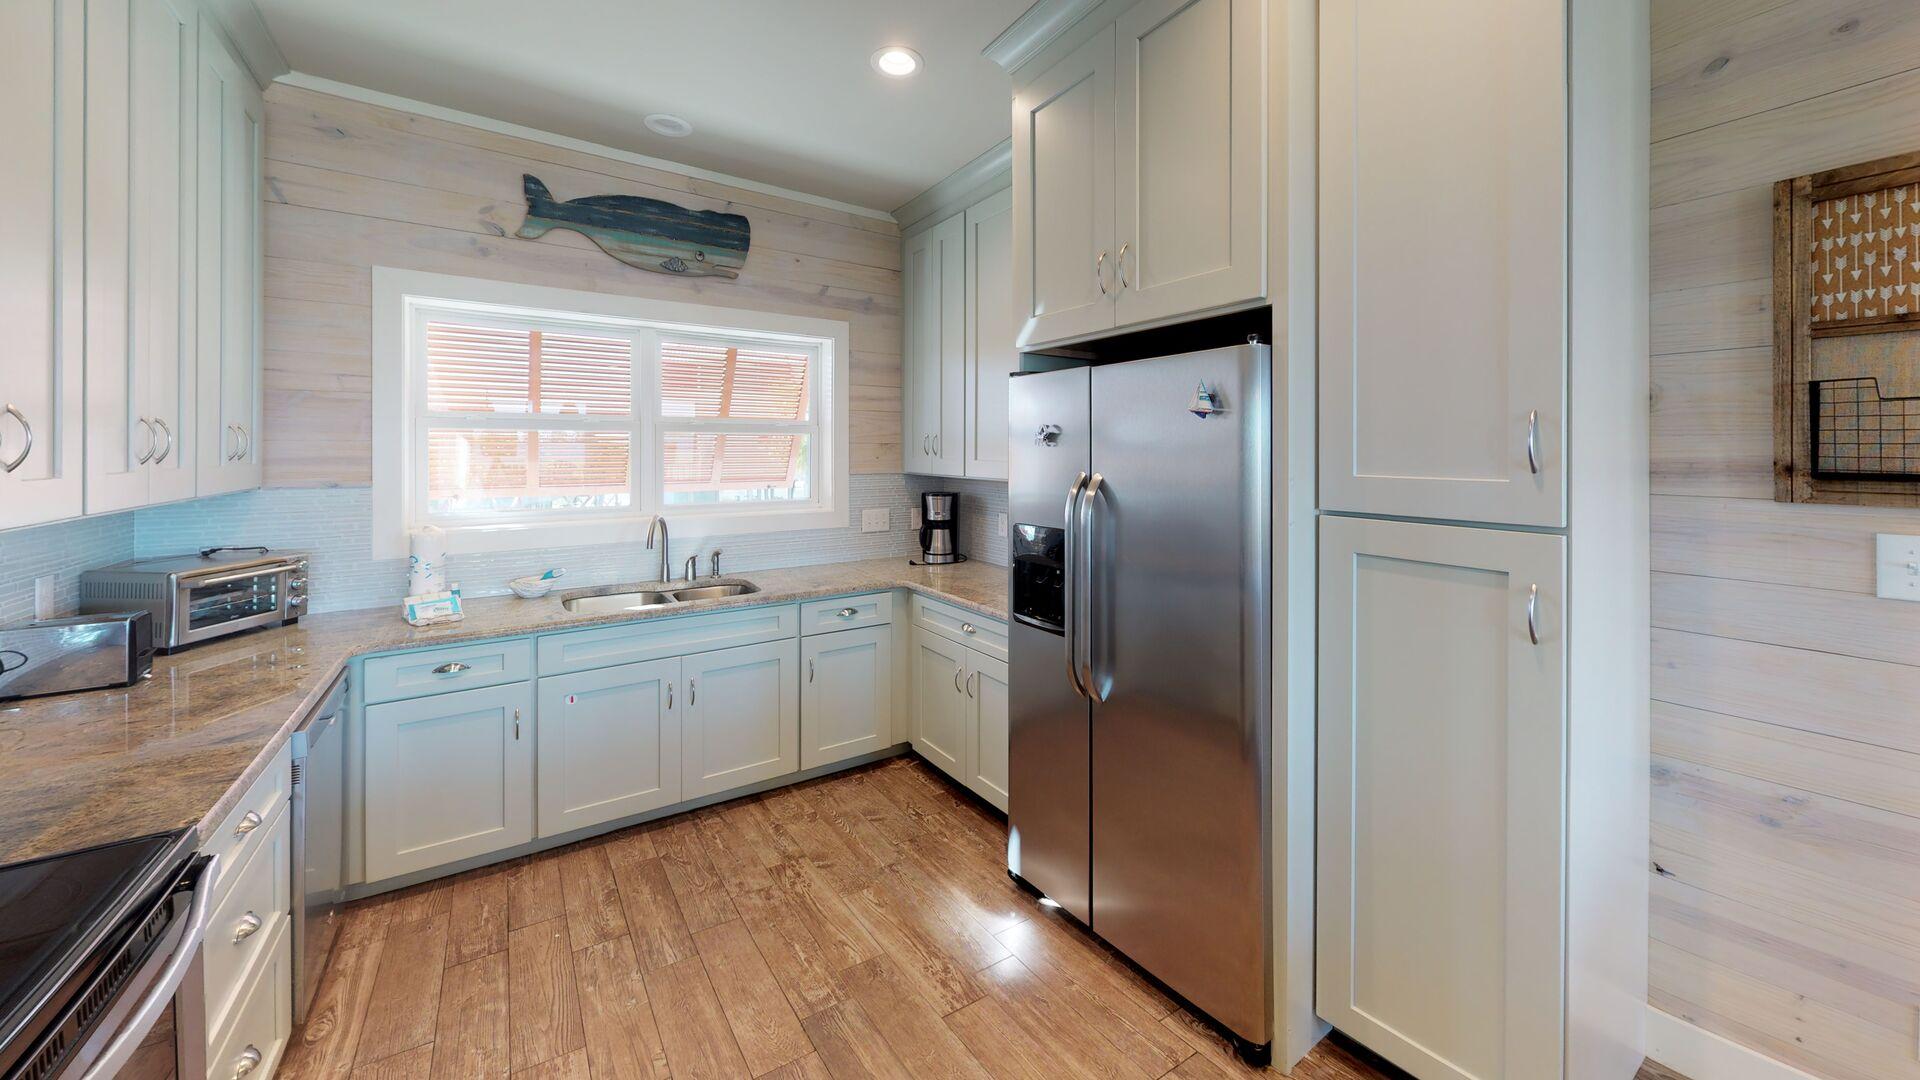 Extra large kitchen